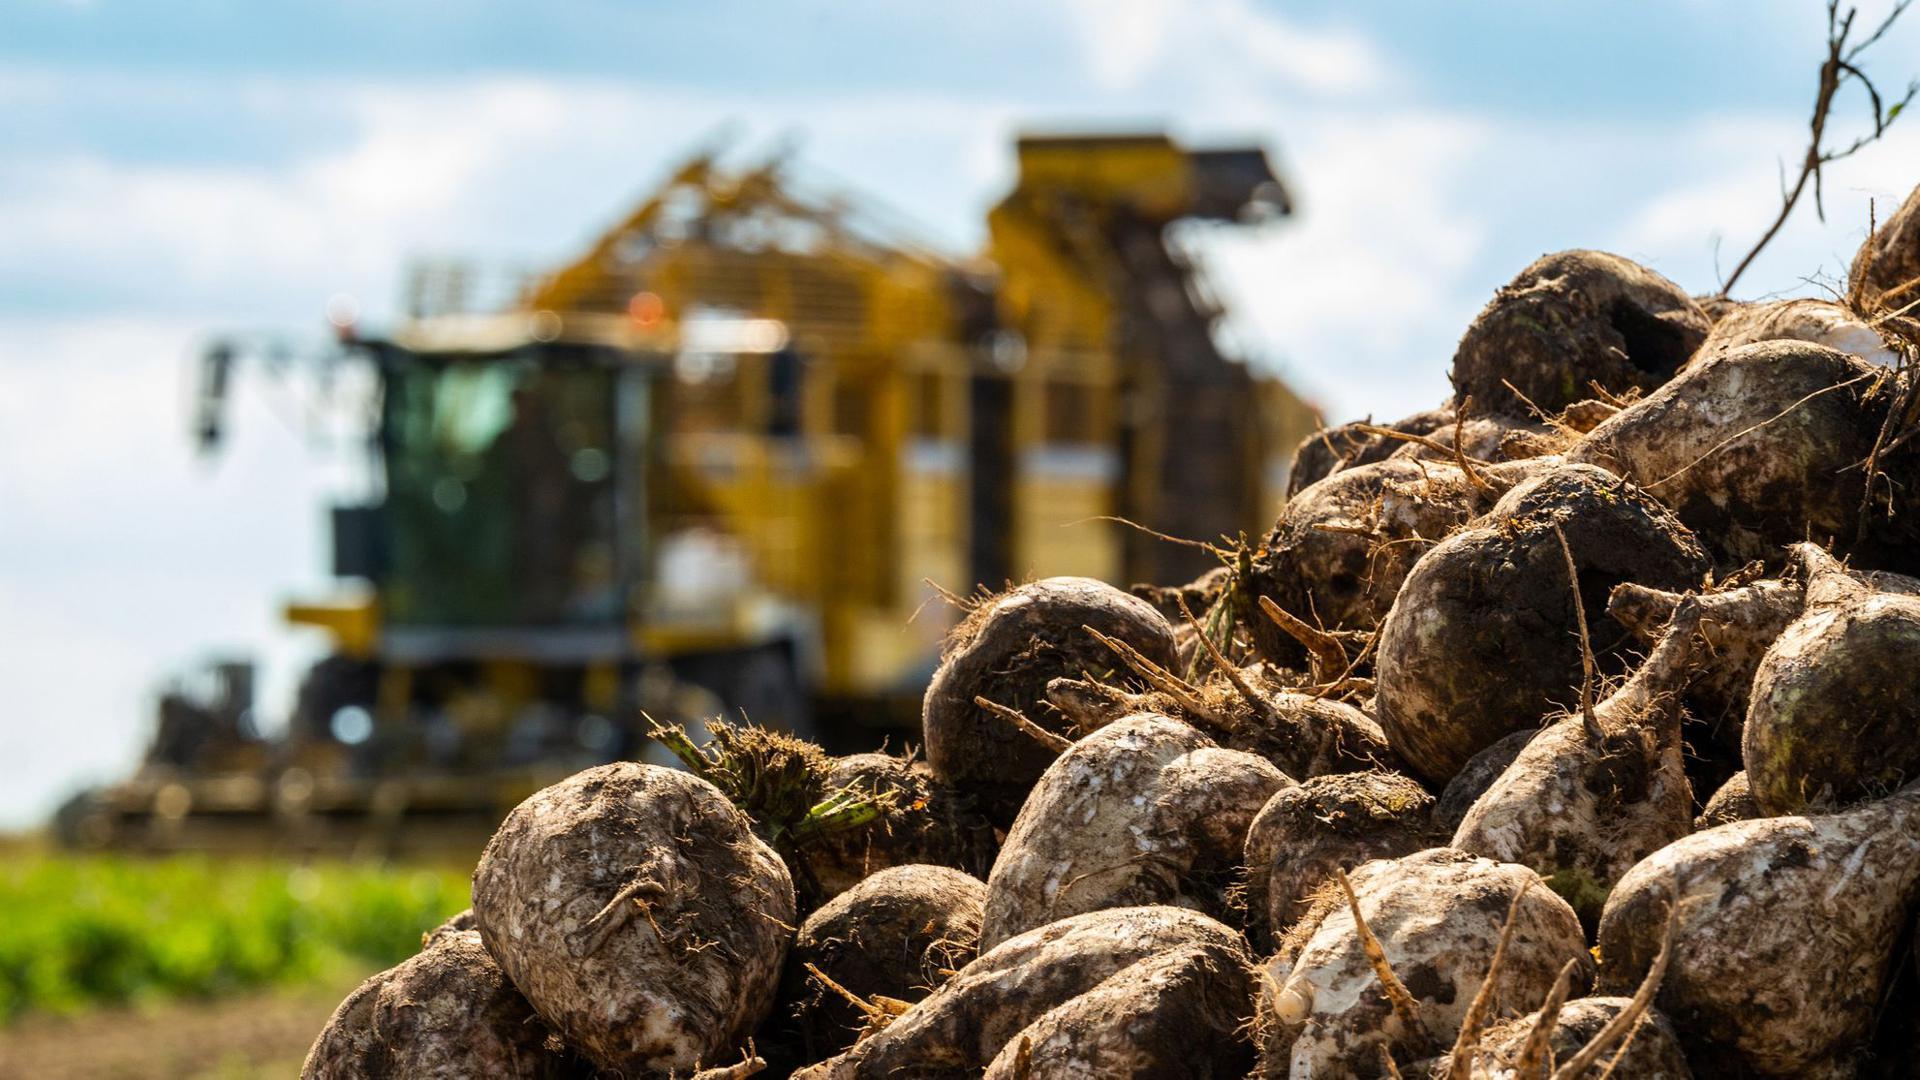 Mit einem Rübenroder werden Zuckerrüben auf einem Feld geerntet.